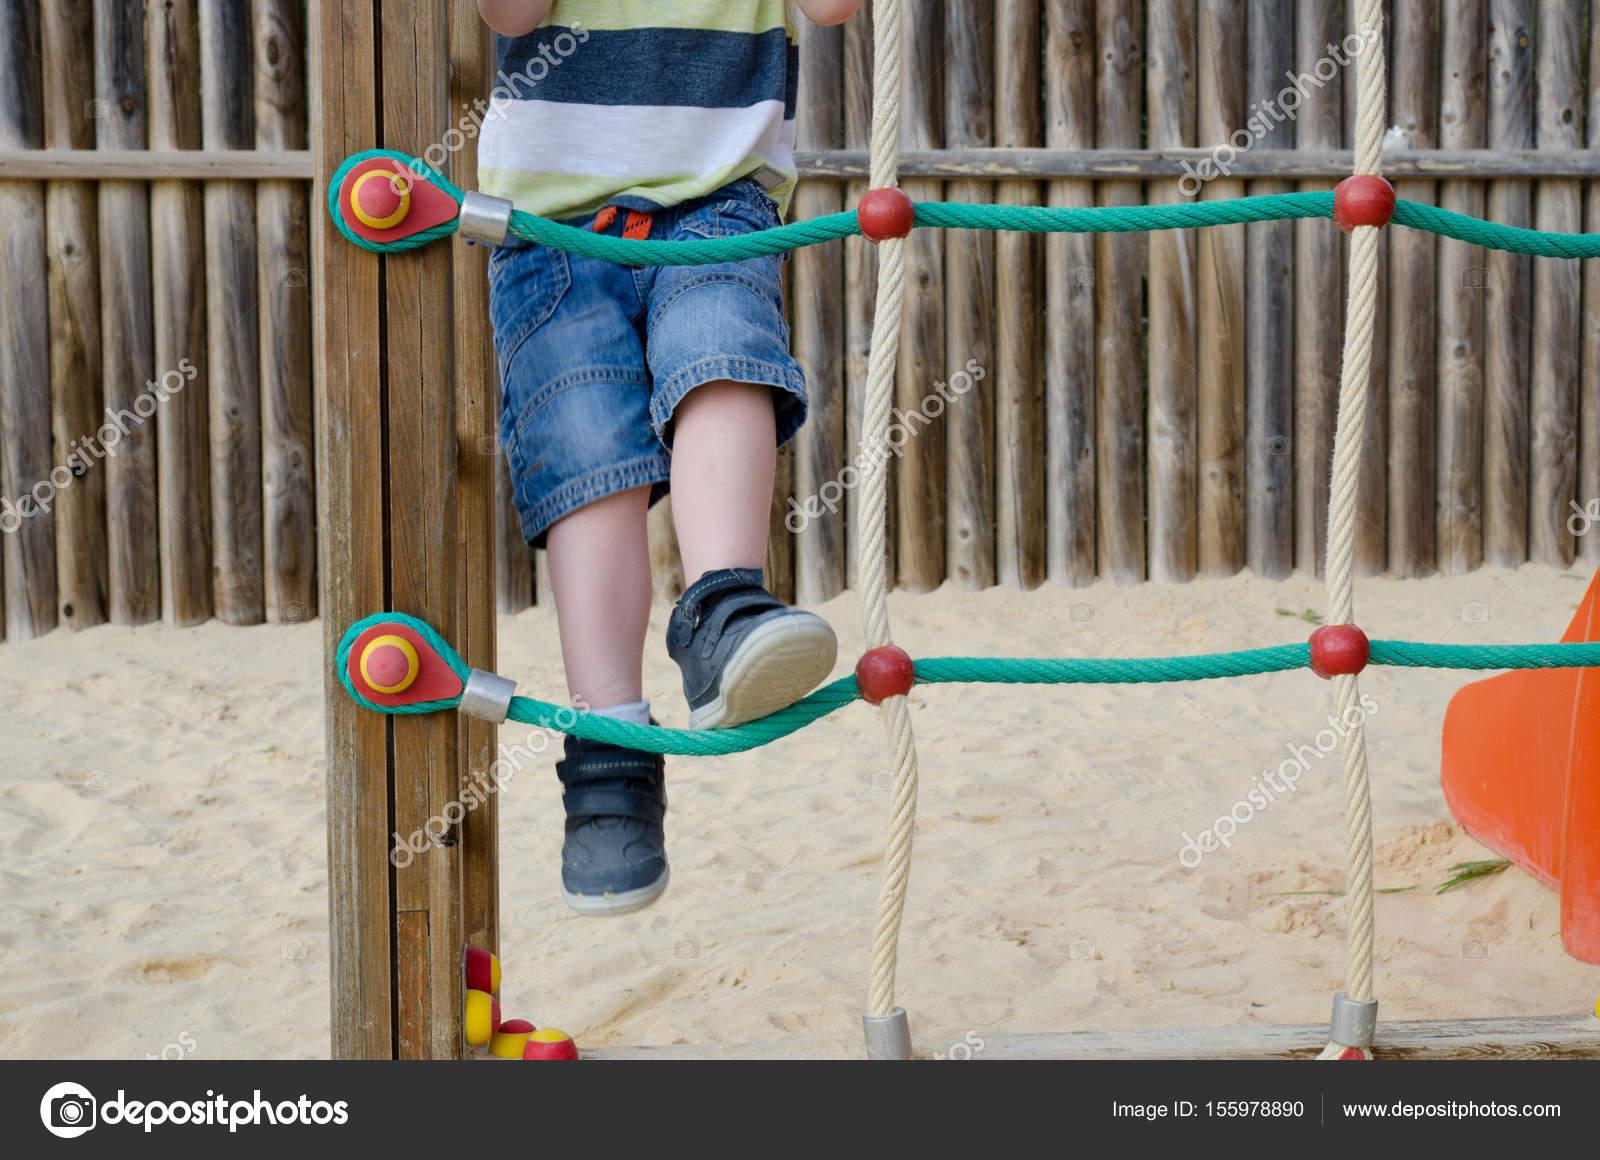 Klettergerüst Reck : Kleiner junge klettern auf einem klettergerüst u2014 stockfoto